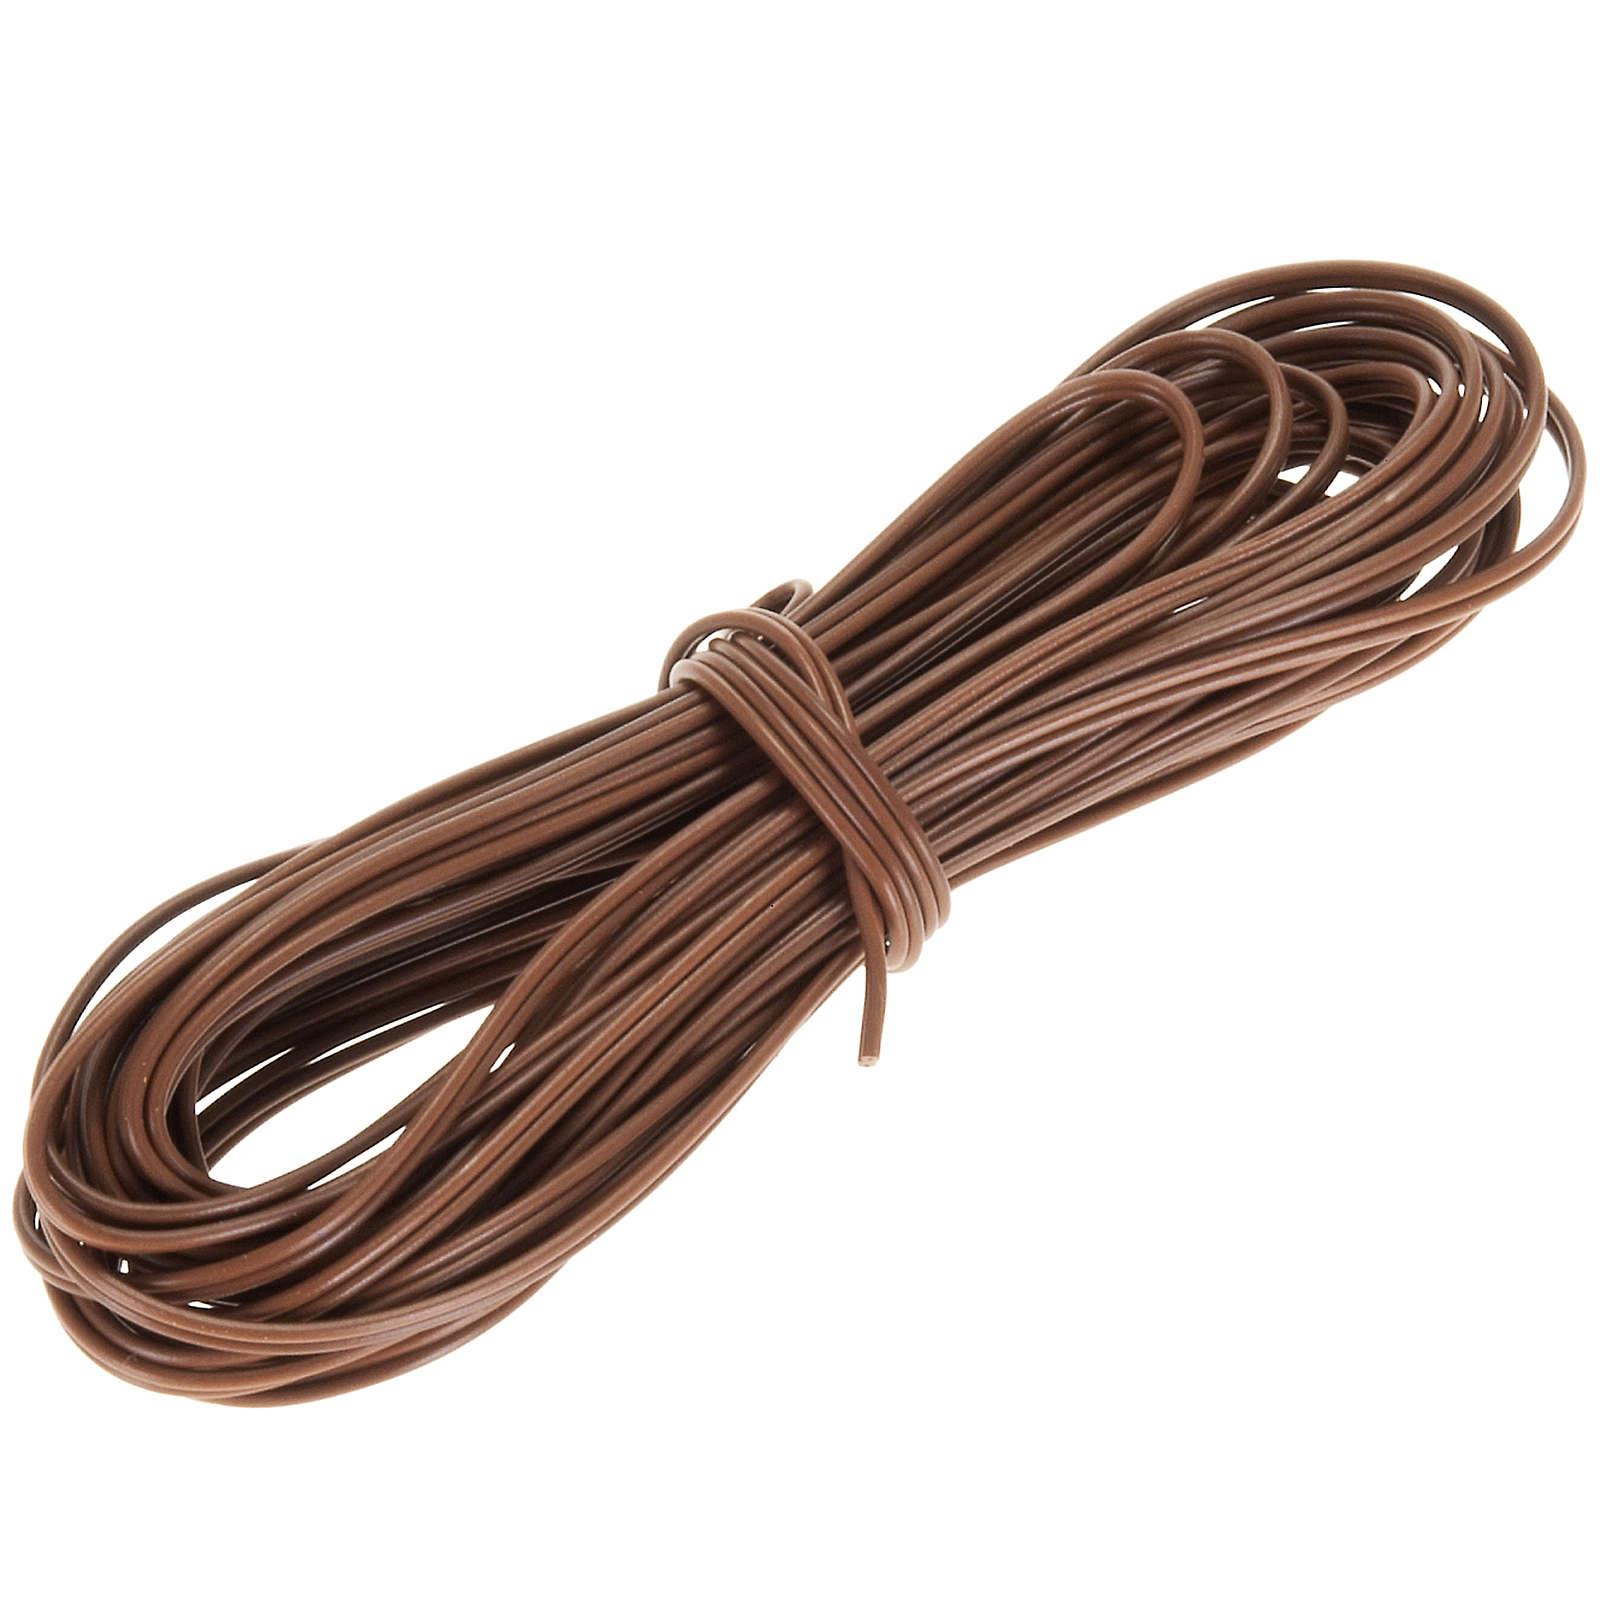 Rolo cabo eléctrico castanho 5 m 4